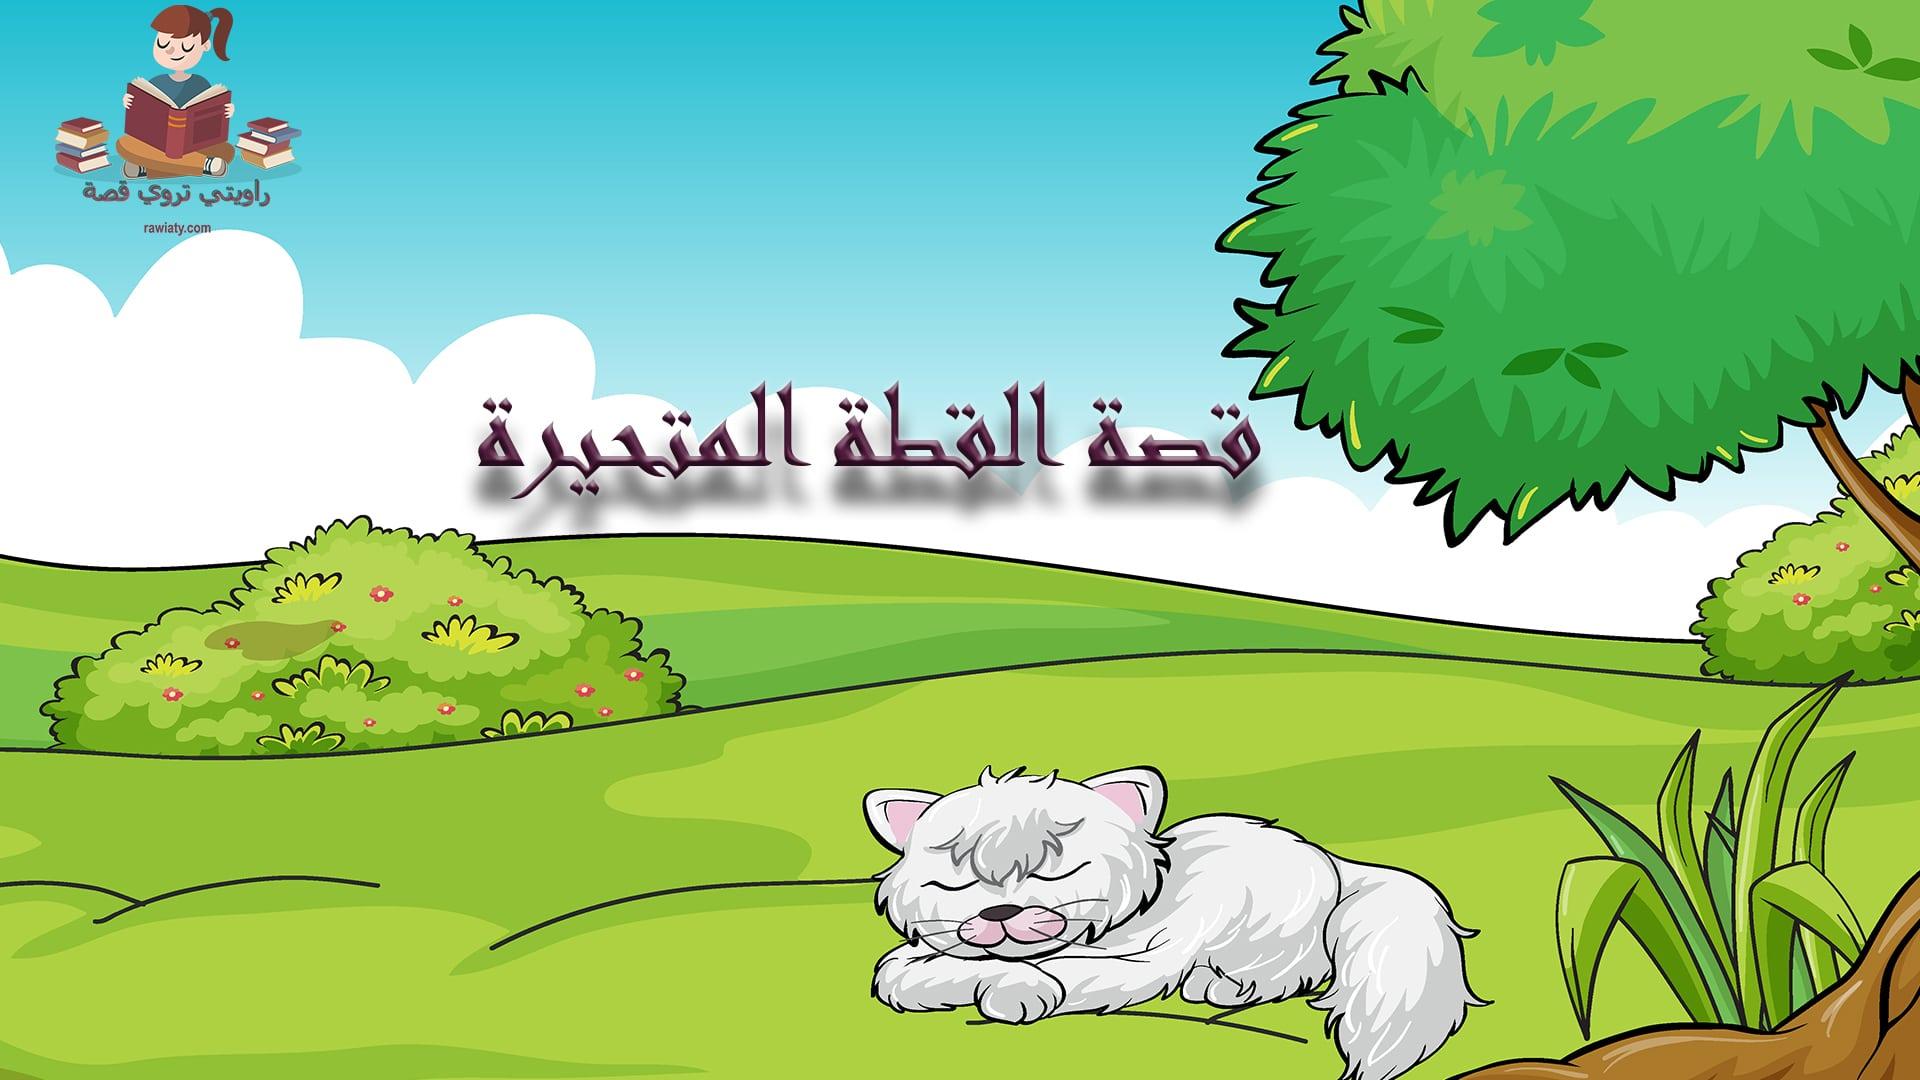 قصة القطة المتحيرة من قناة راويتي تروي قصة